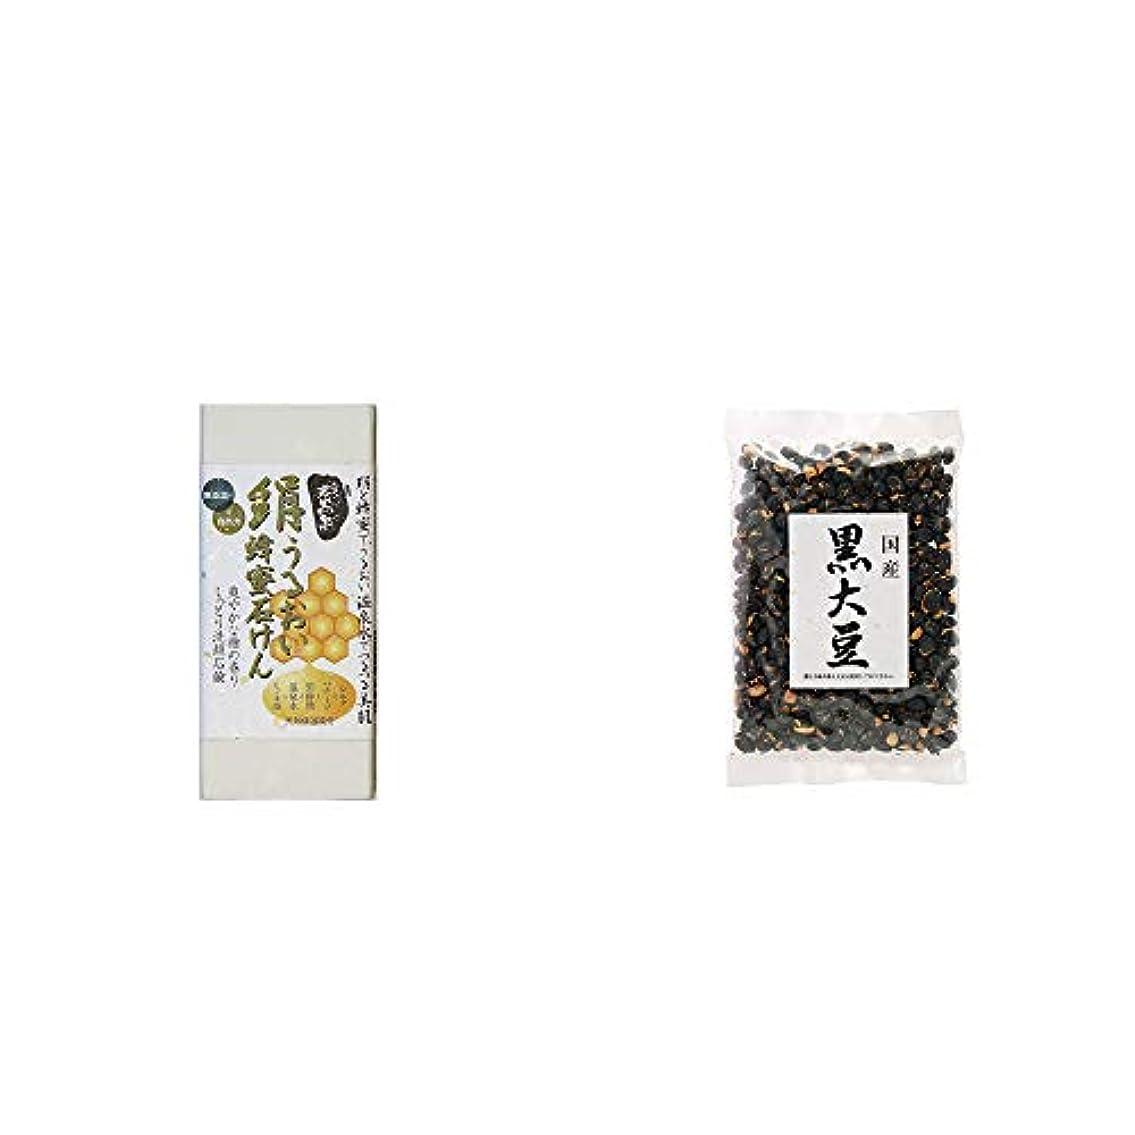 栄光信頼できる除去[2点セット] ひのき炭黒泉 絹うるおい蜂蜜石けん(75g×2)?国産 黒大豆(140g)